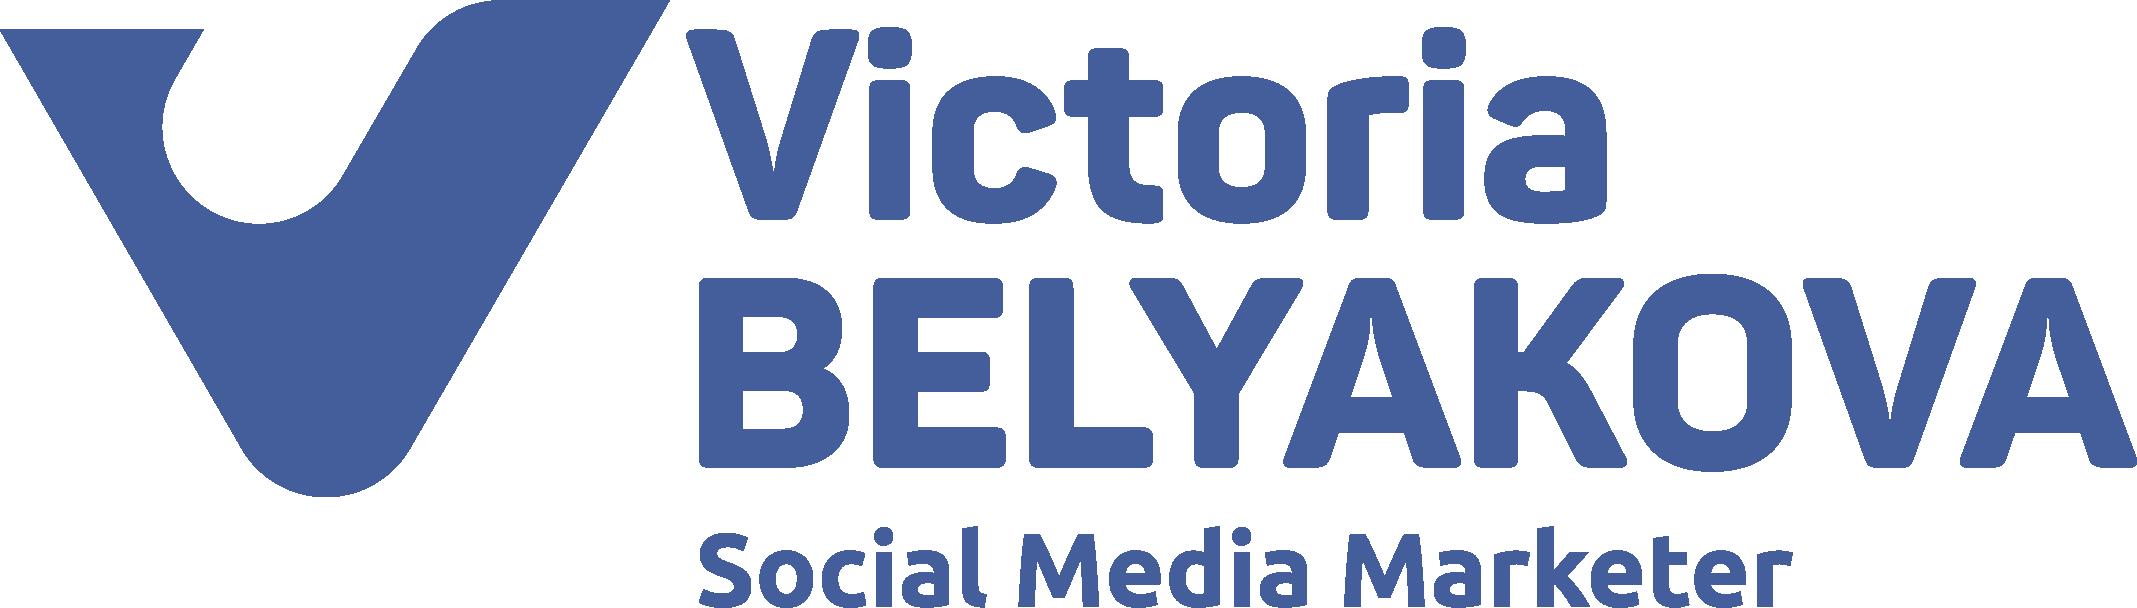 Viktoria Belyakova Social Media Marketer